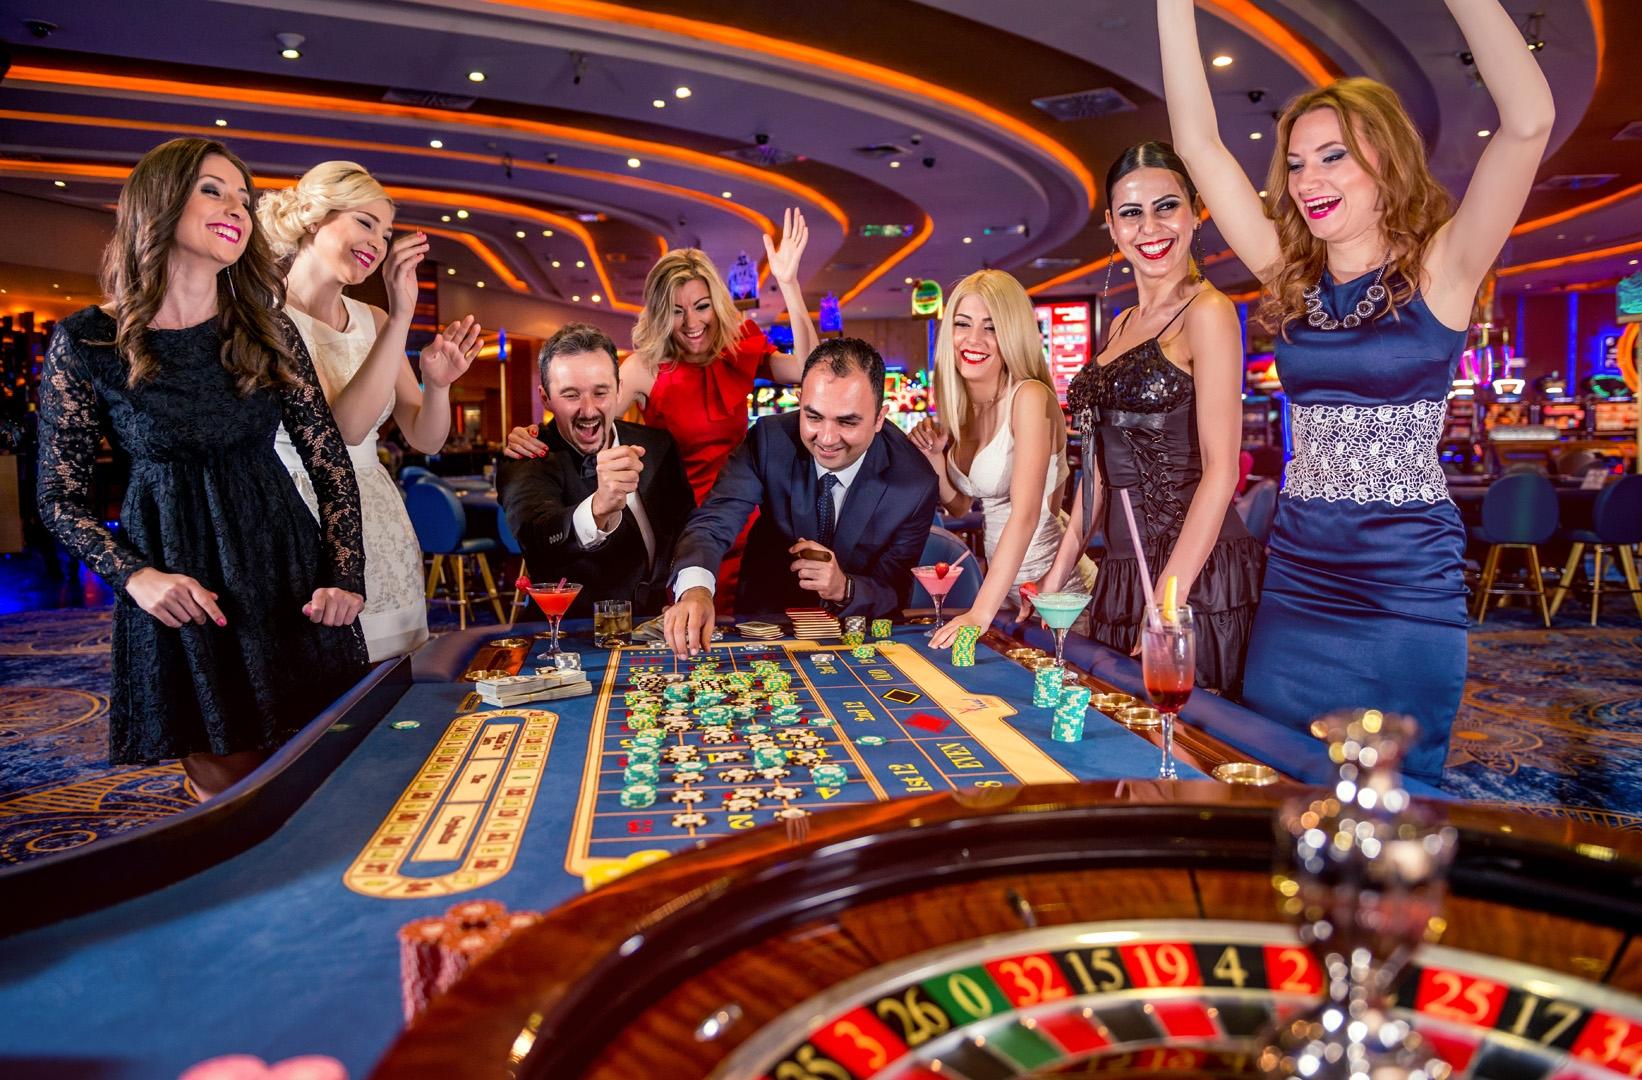 работа в онлайн казино отзывы